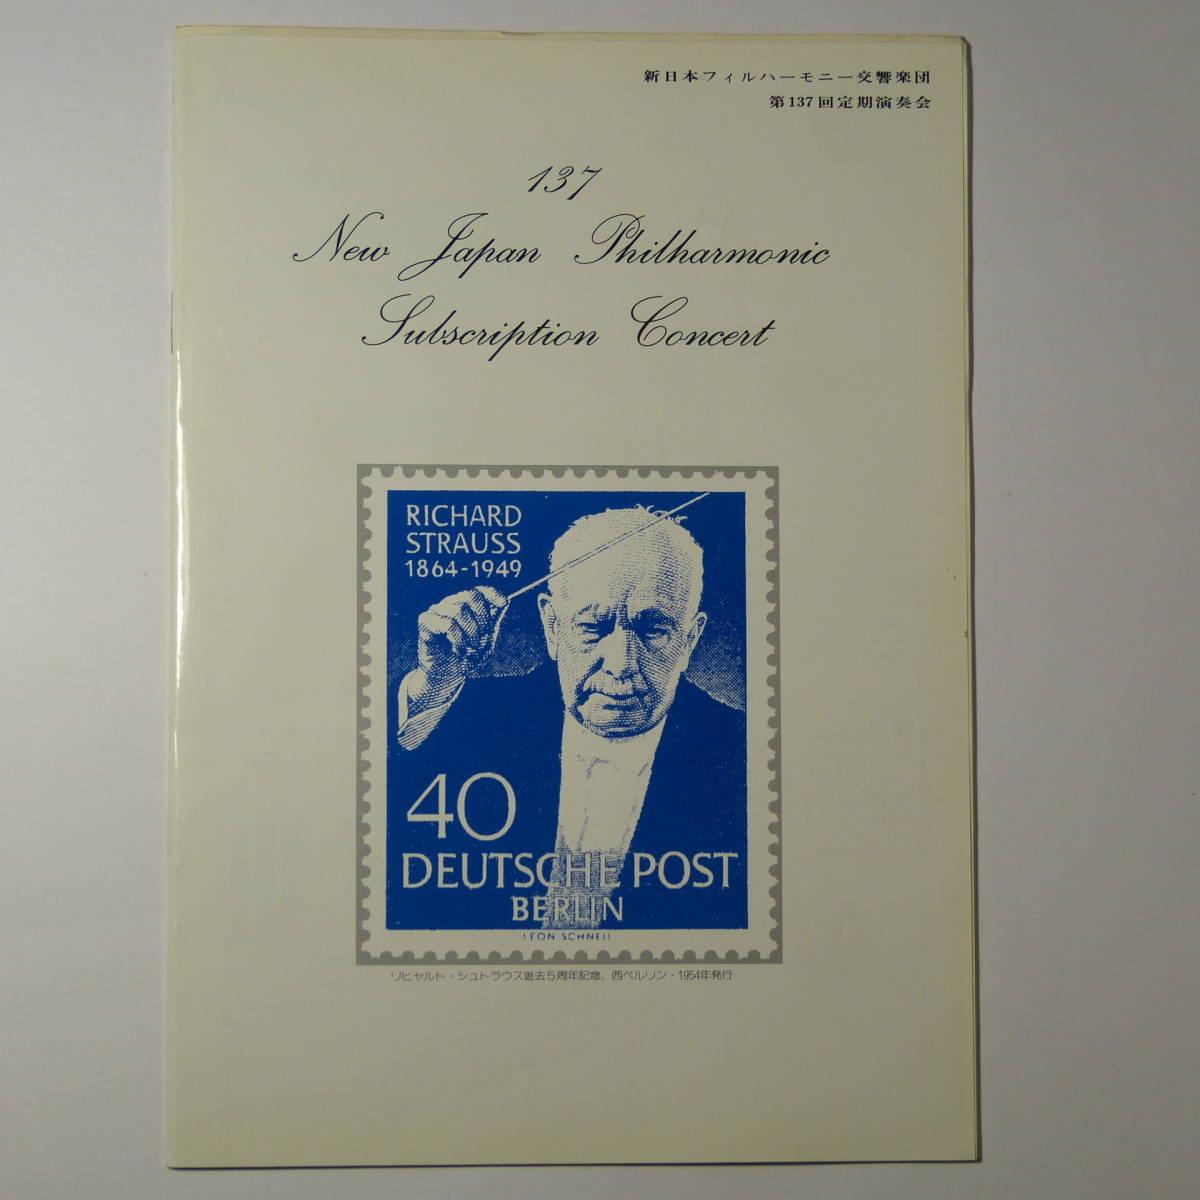 プログラム 新日本フィルハーモニー交響楽団第137回定期演奏会 1986年2月25日 手塚幸紀指揮ルトスワフスキ、R.シュトラウス_画像1